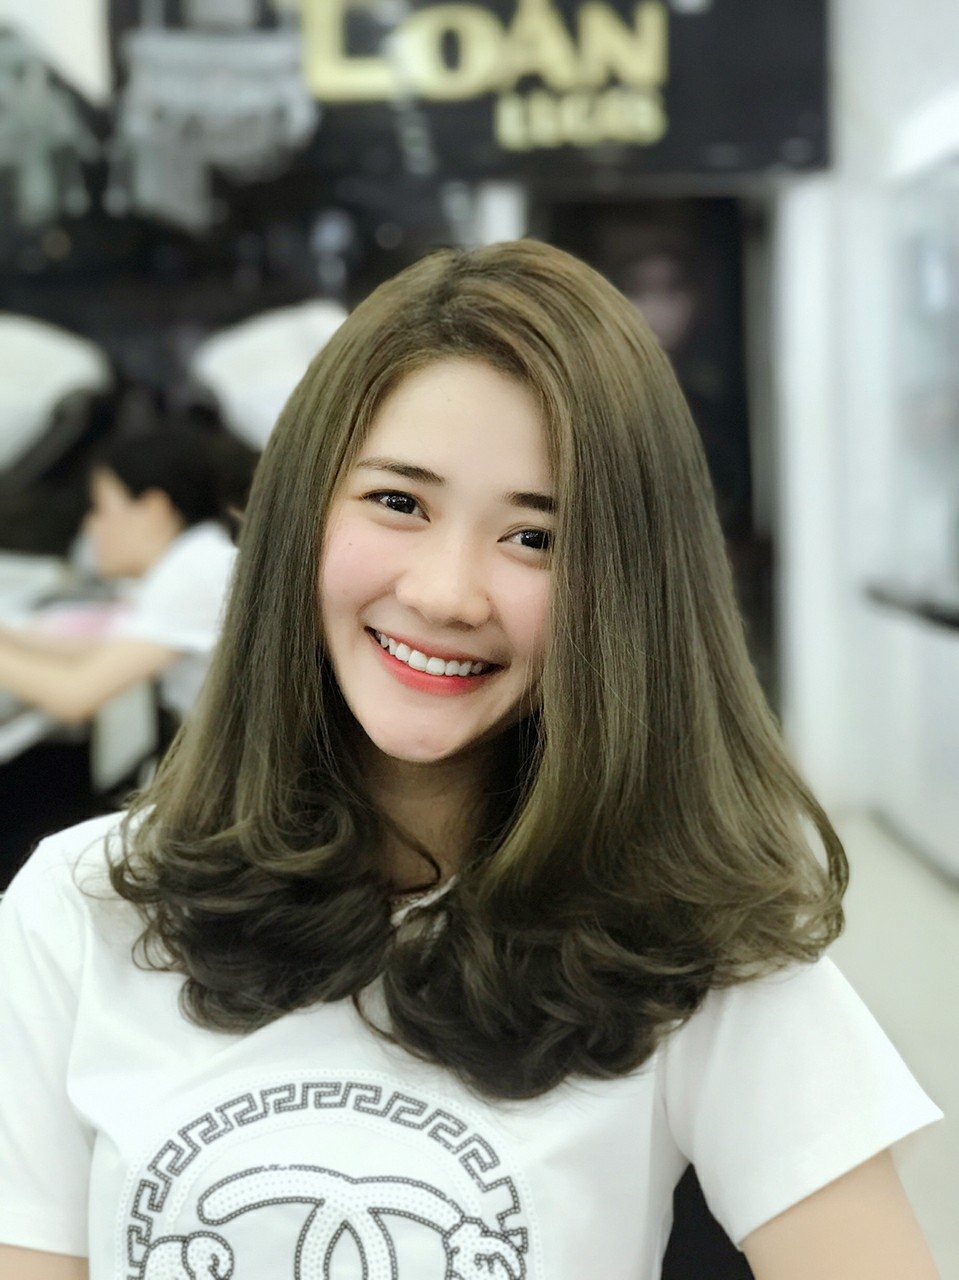 Ngoài hoa hậu HHen Niê, Đắk Lắk còn là quê hương của rất nhiều cô nàng xinh không phải dạng vừa - Ảnh 21.